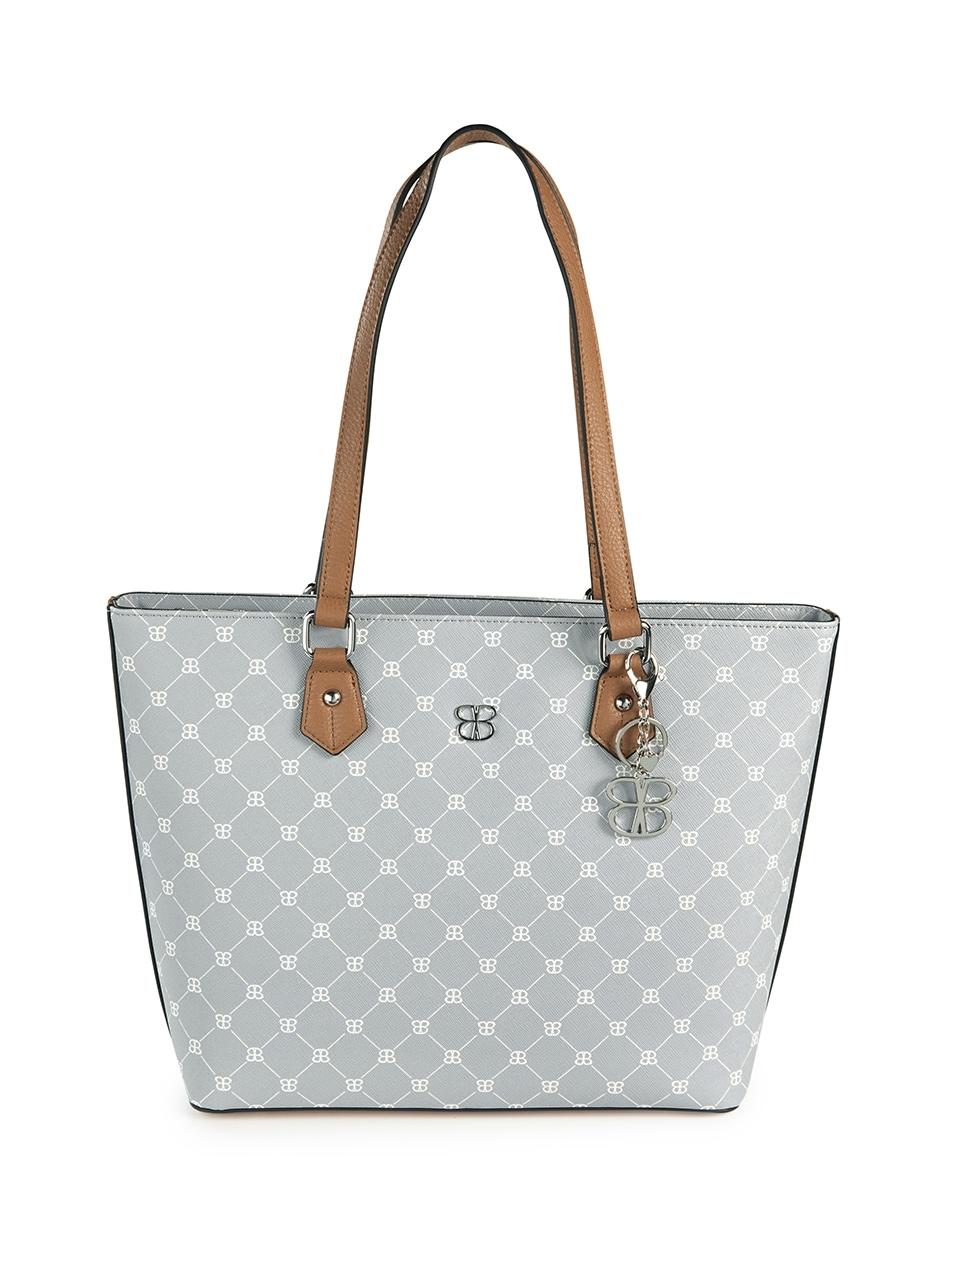 basler -  Handtasche mit Schmuckkarabiner und Logo-Muster